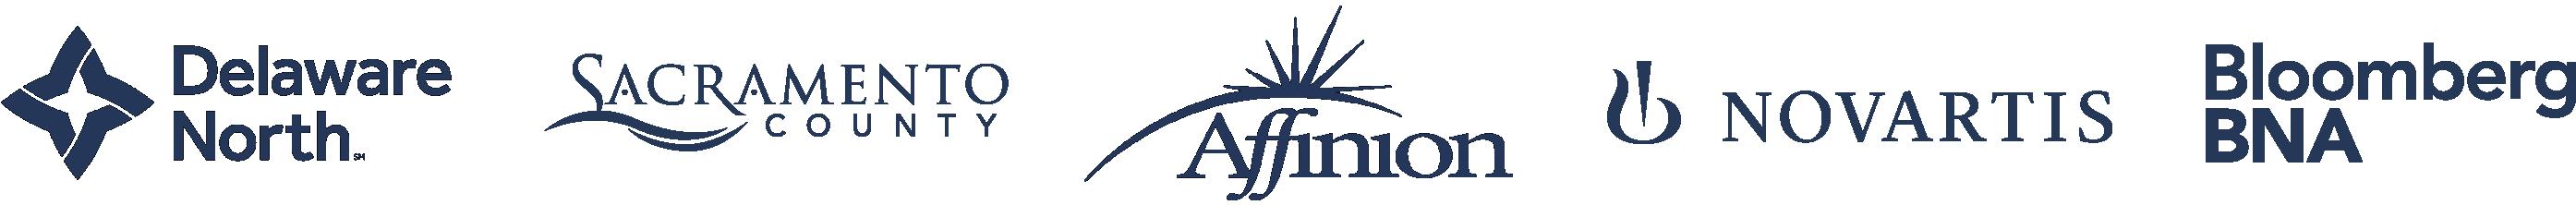 Franja de logotipos de Delaware North, Condado de Sacramento, Affinion, Novartis y Bloomberg BNA